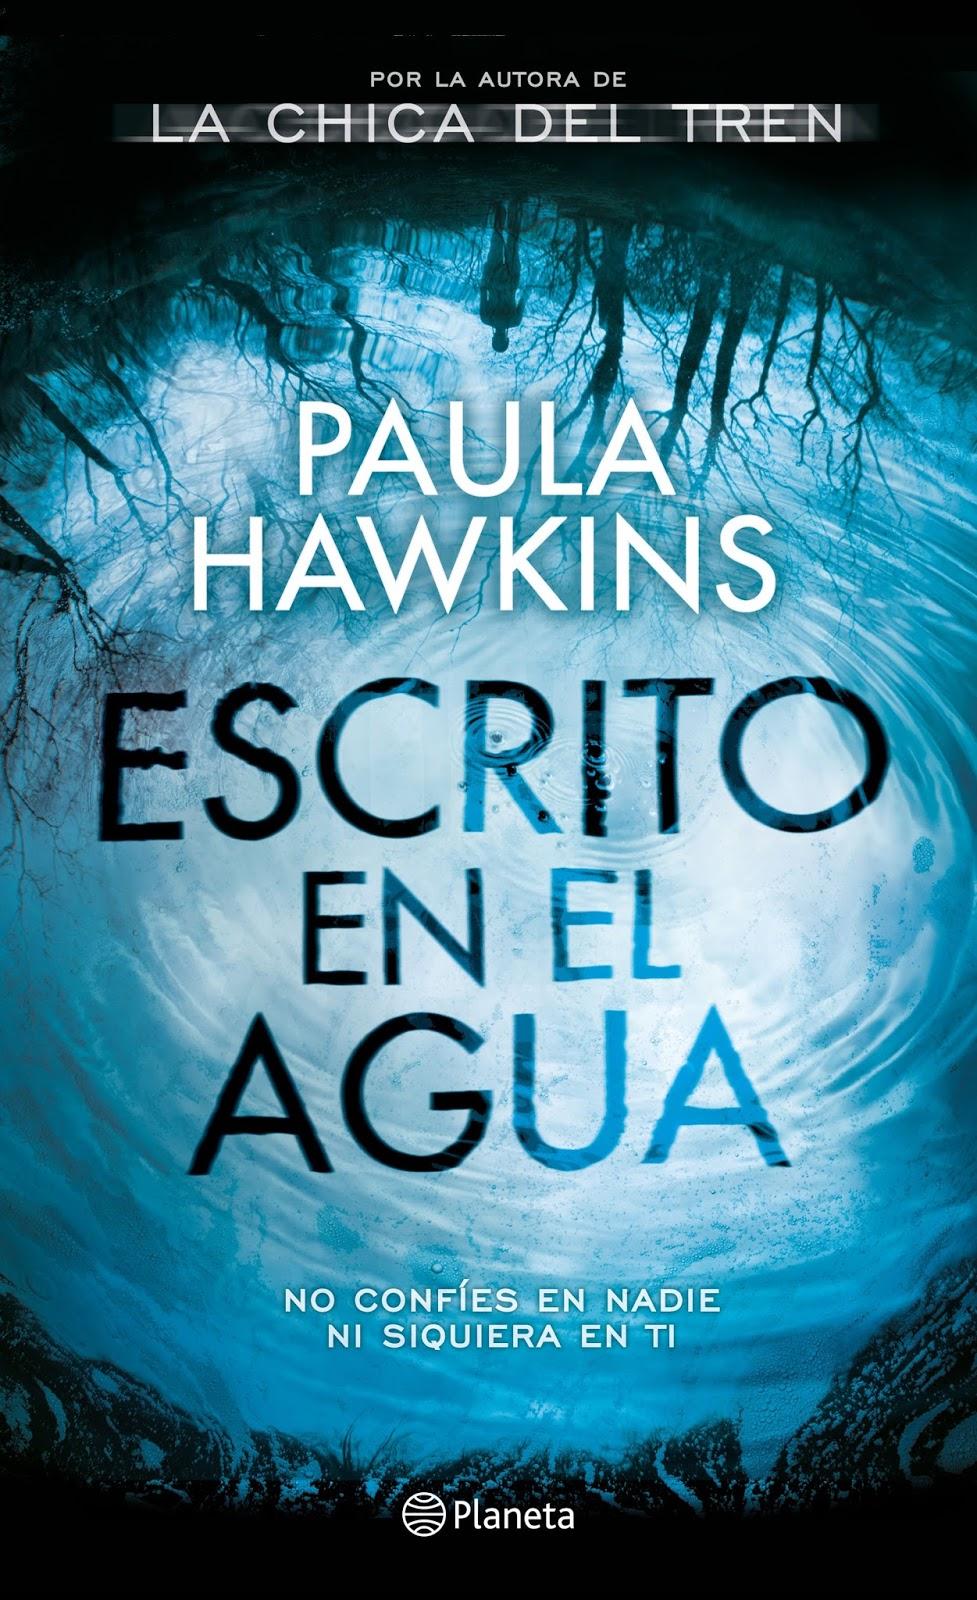 Book Cover Portadas Elementales : Pájaras lectoras book tag portadas elementales